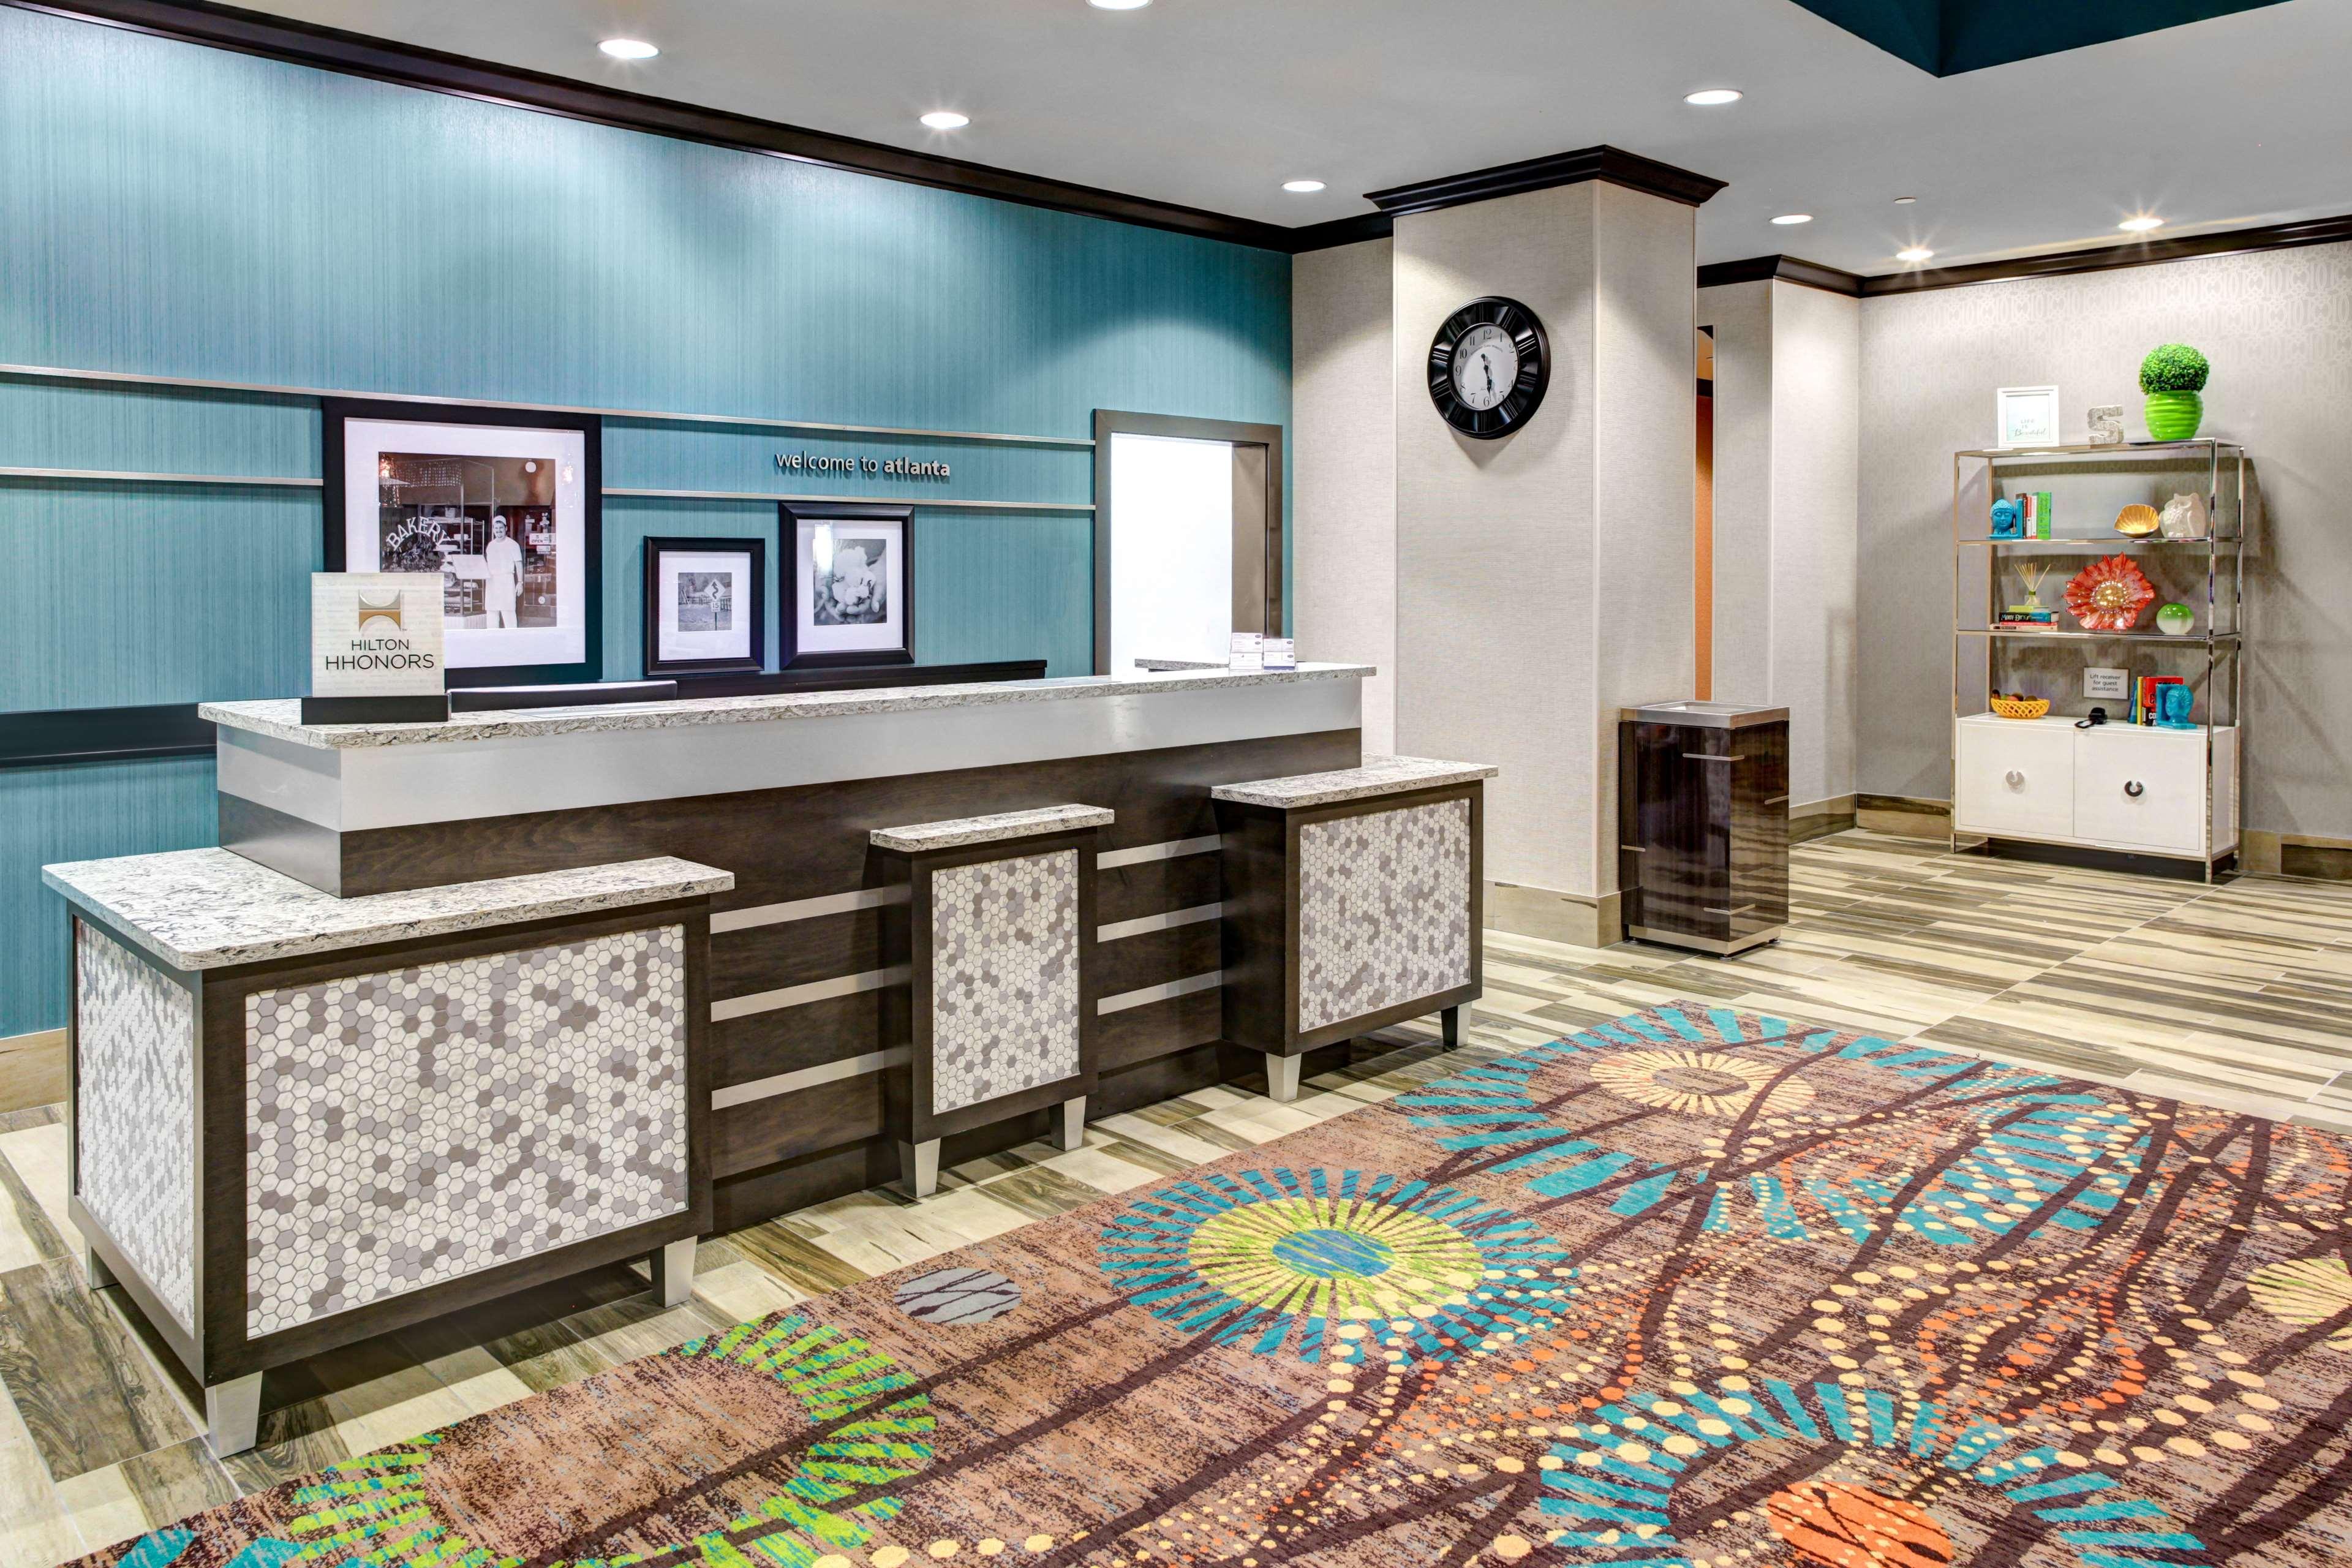 Hampton Inn & Suites by Hilton Atlanta Perimeter Dunwoody image 2